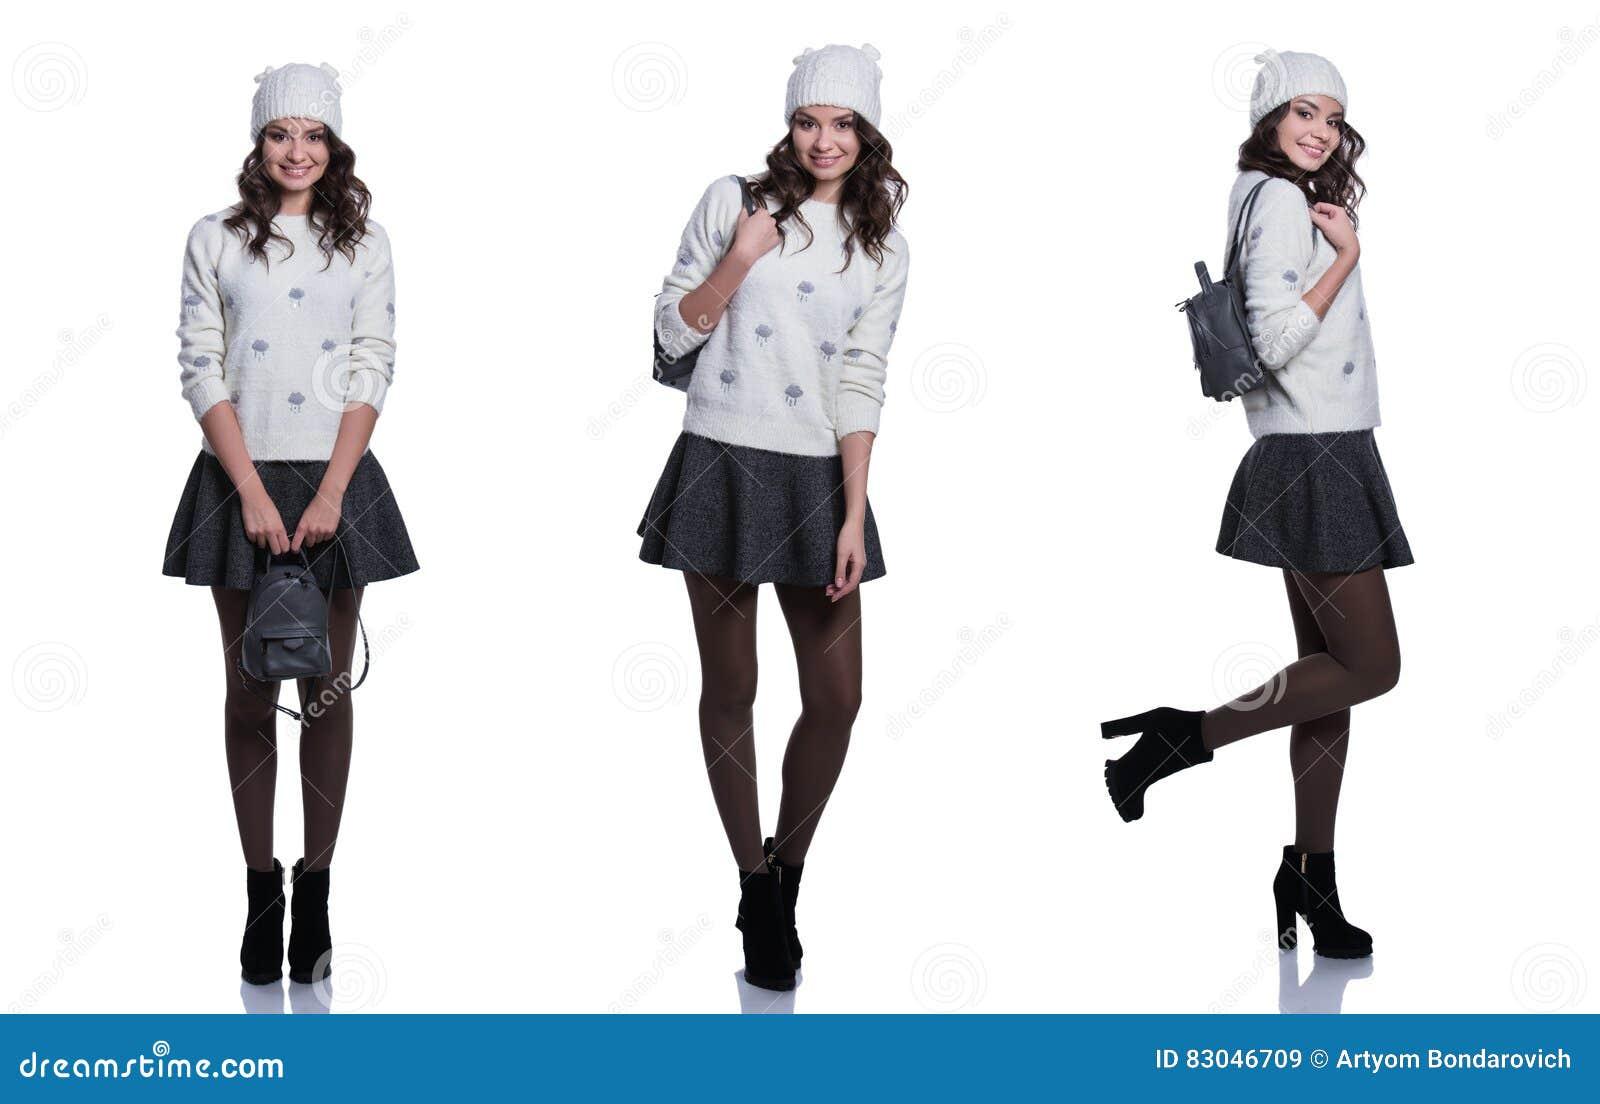 Belle jeune femme gaie utilisant le chandail, la jupe, le chapeau et le sac à dos tricotés D isolement sur le fond blanc